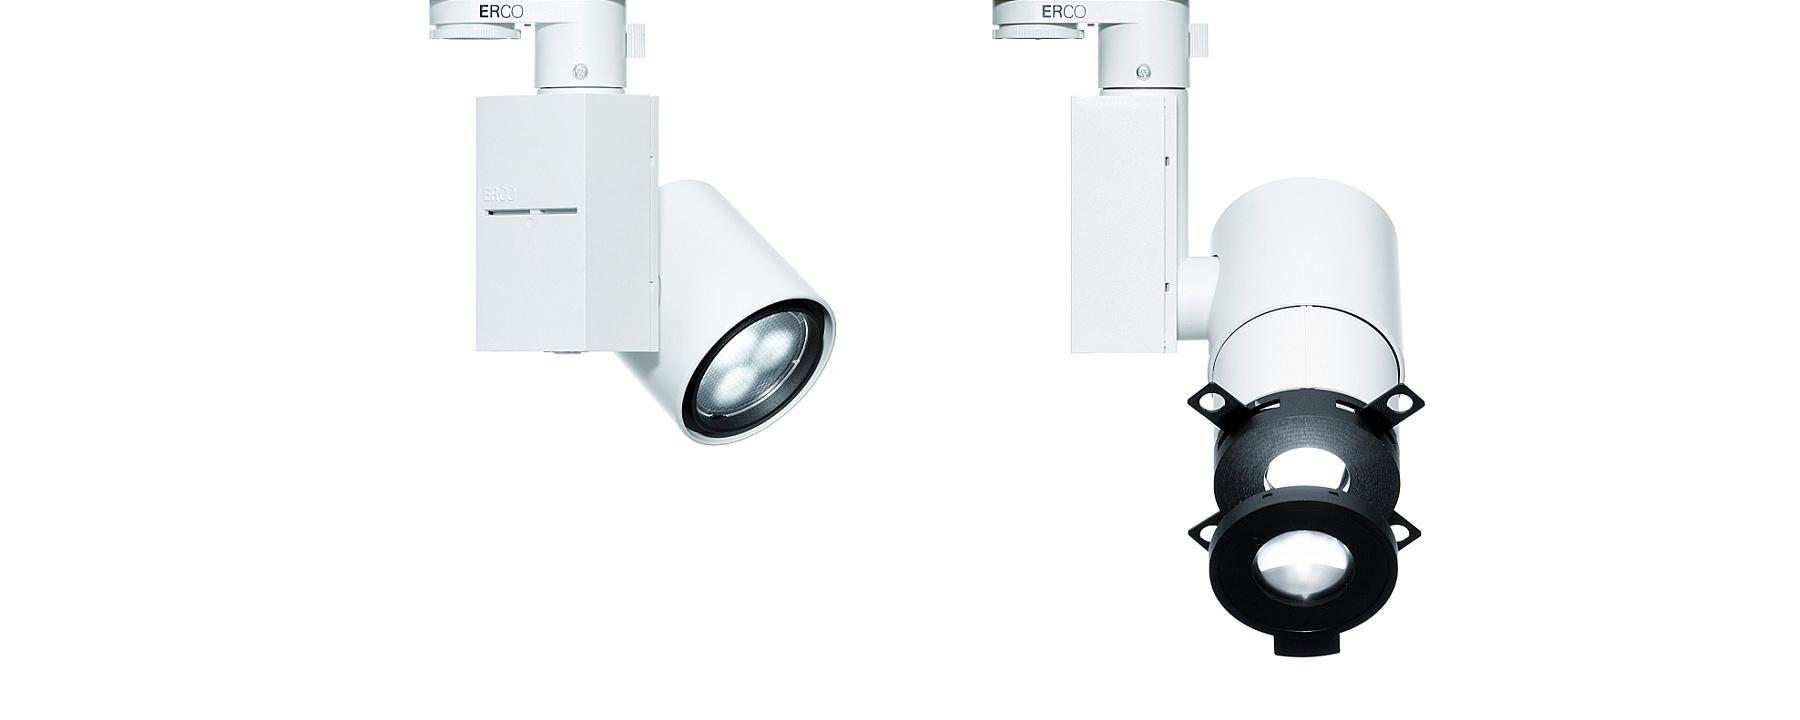 Binnenverlichting - Armaturen voor spanningsrails - Optec